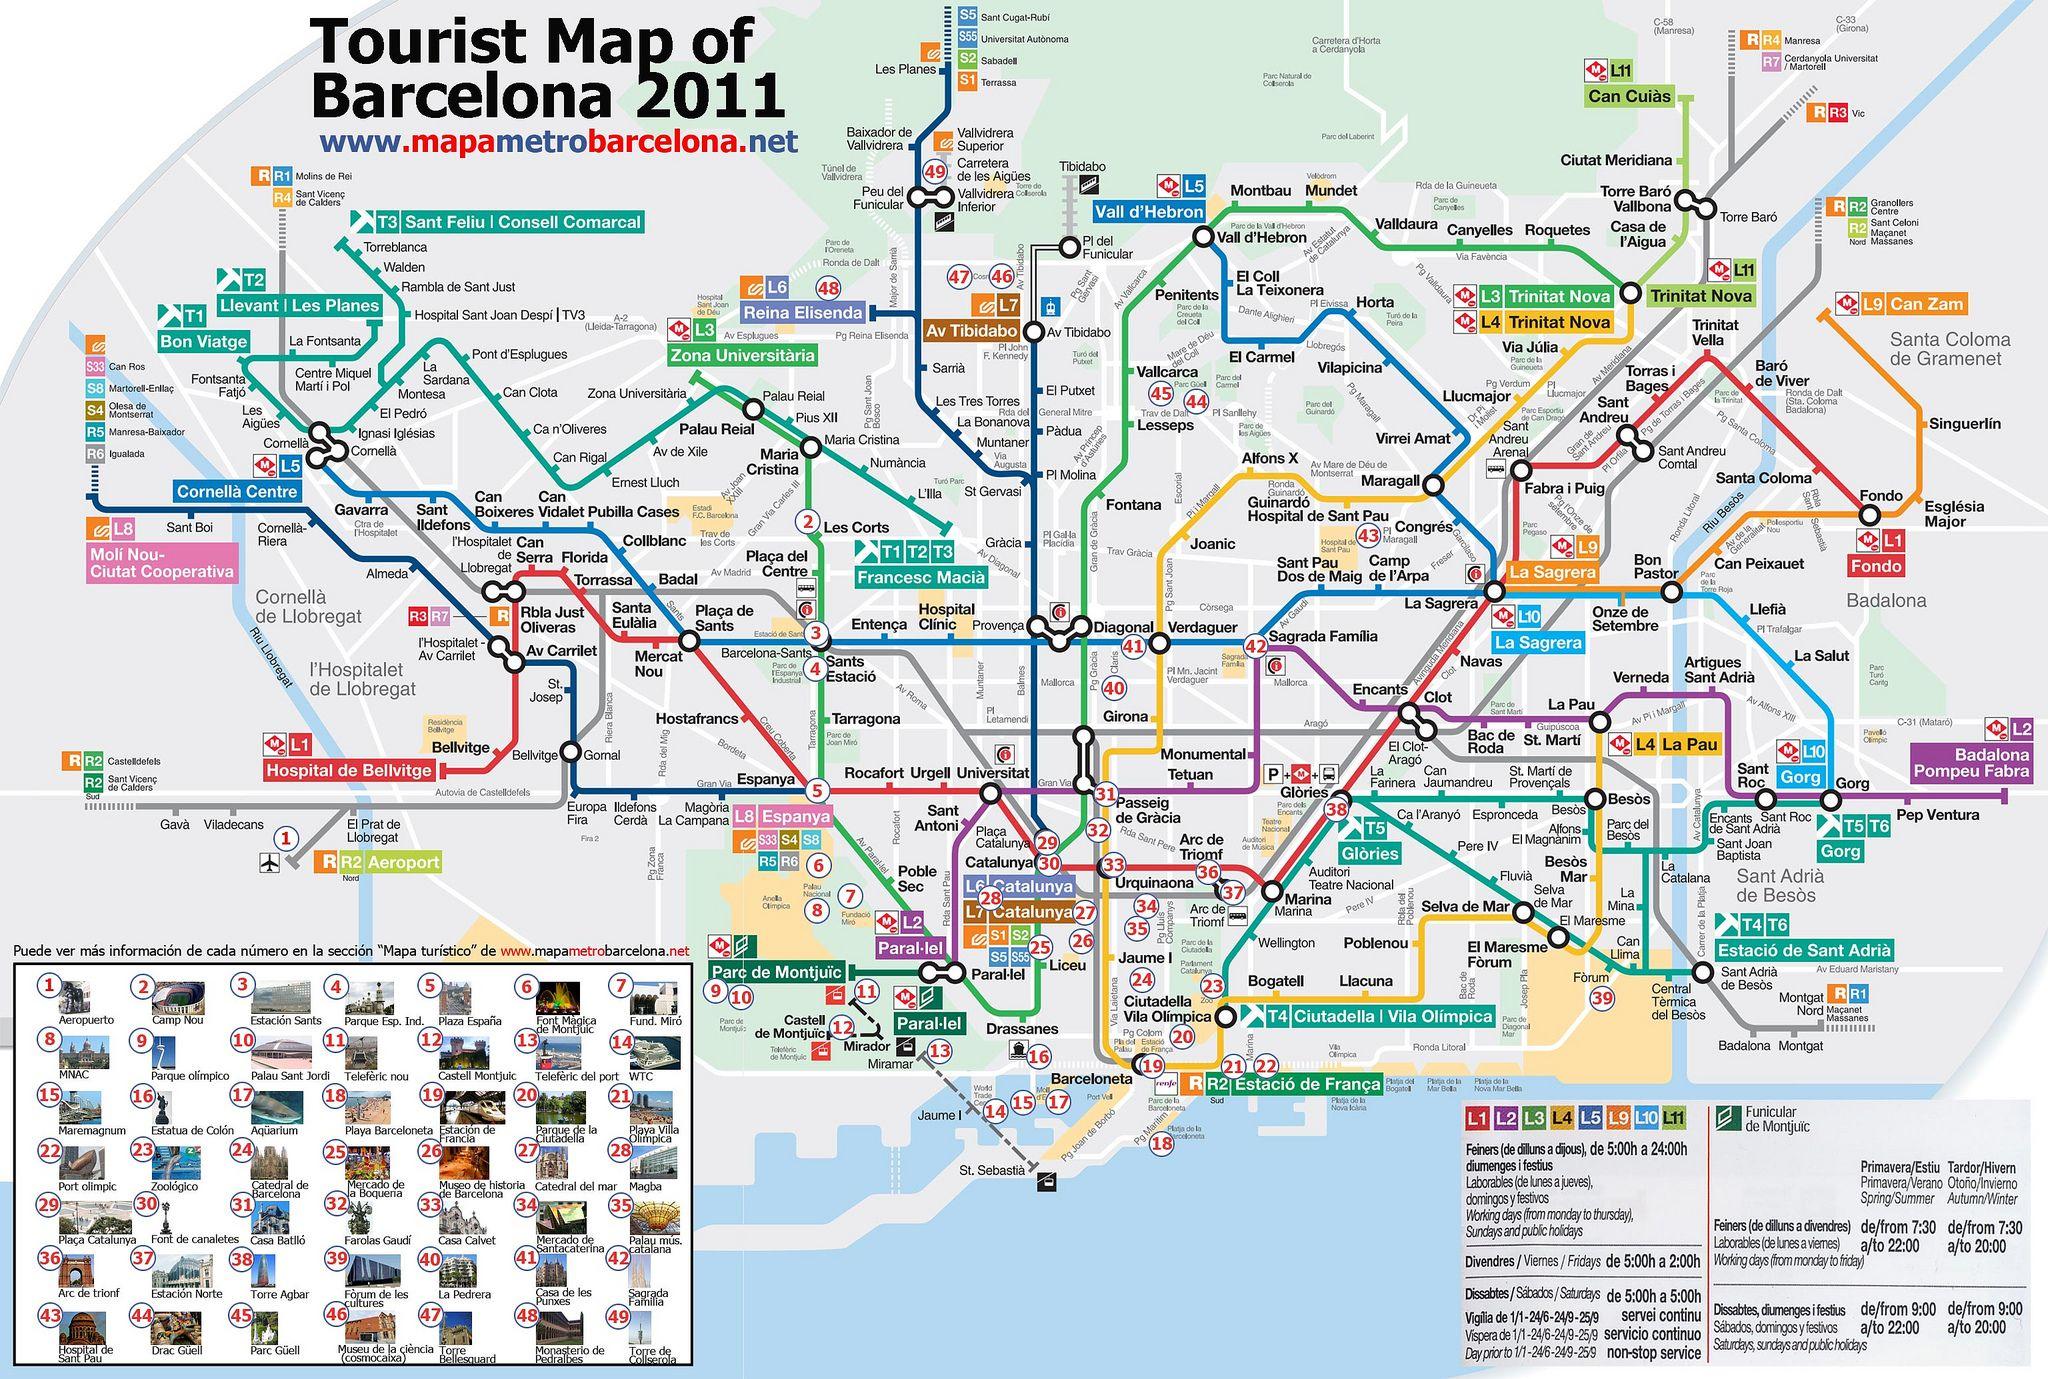 mapa do metro de barcelona espanha Mapas Turísticos de Monumentos em Barcelona, Espanha | Wanderlust mapa do metro de barcelona espanha